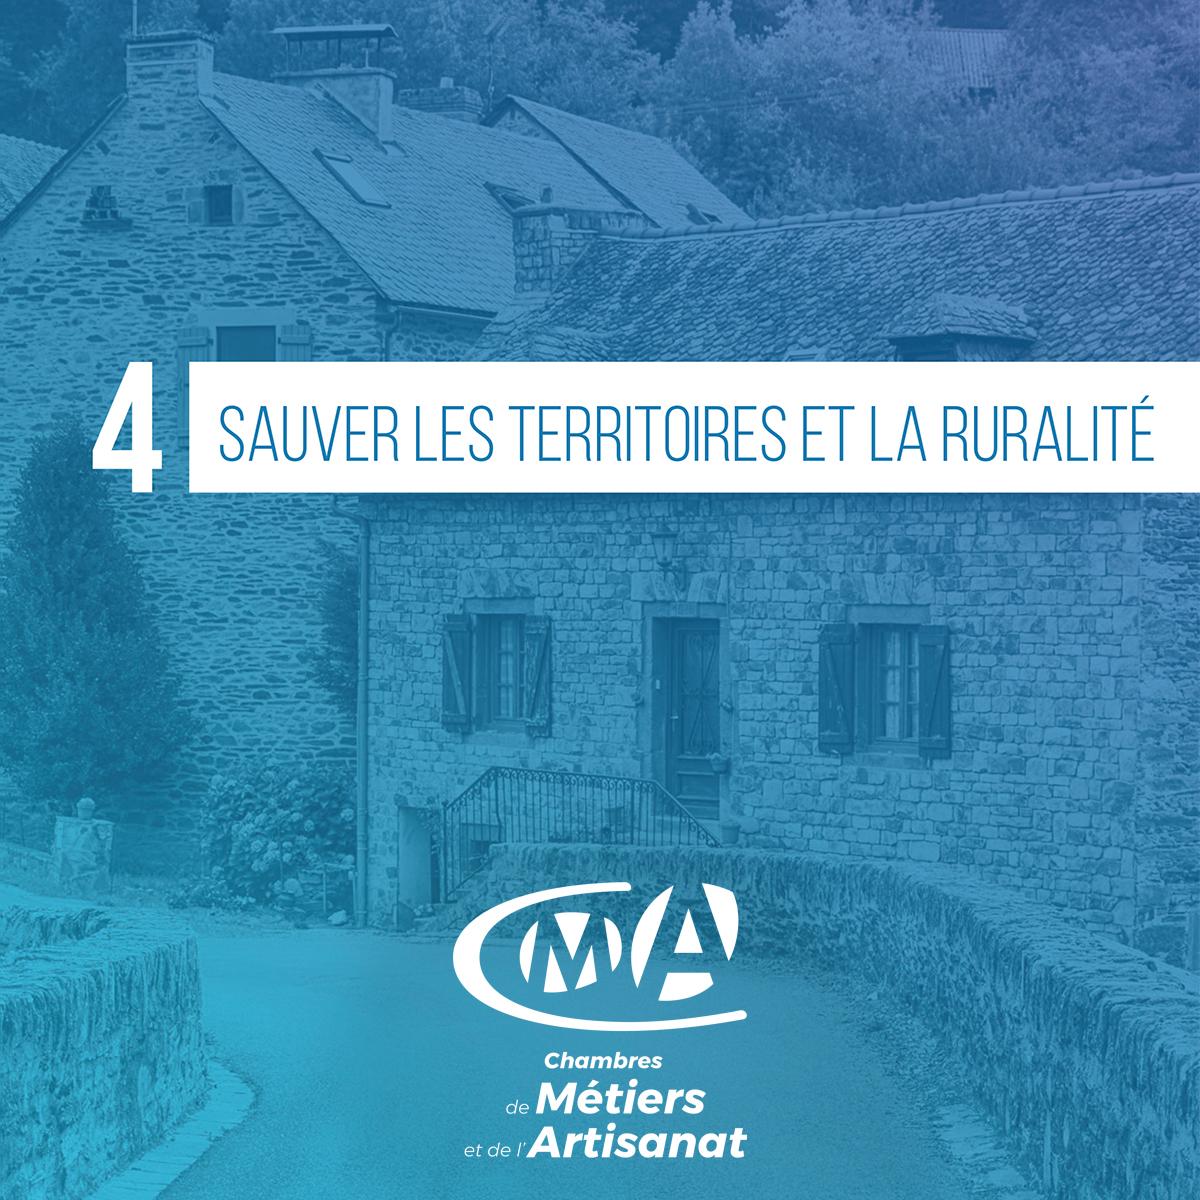 Grand débat : 6 priorités pour permettre aux artisans de vivre et travailler dignement